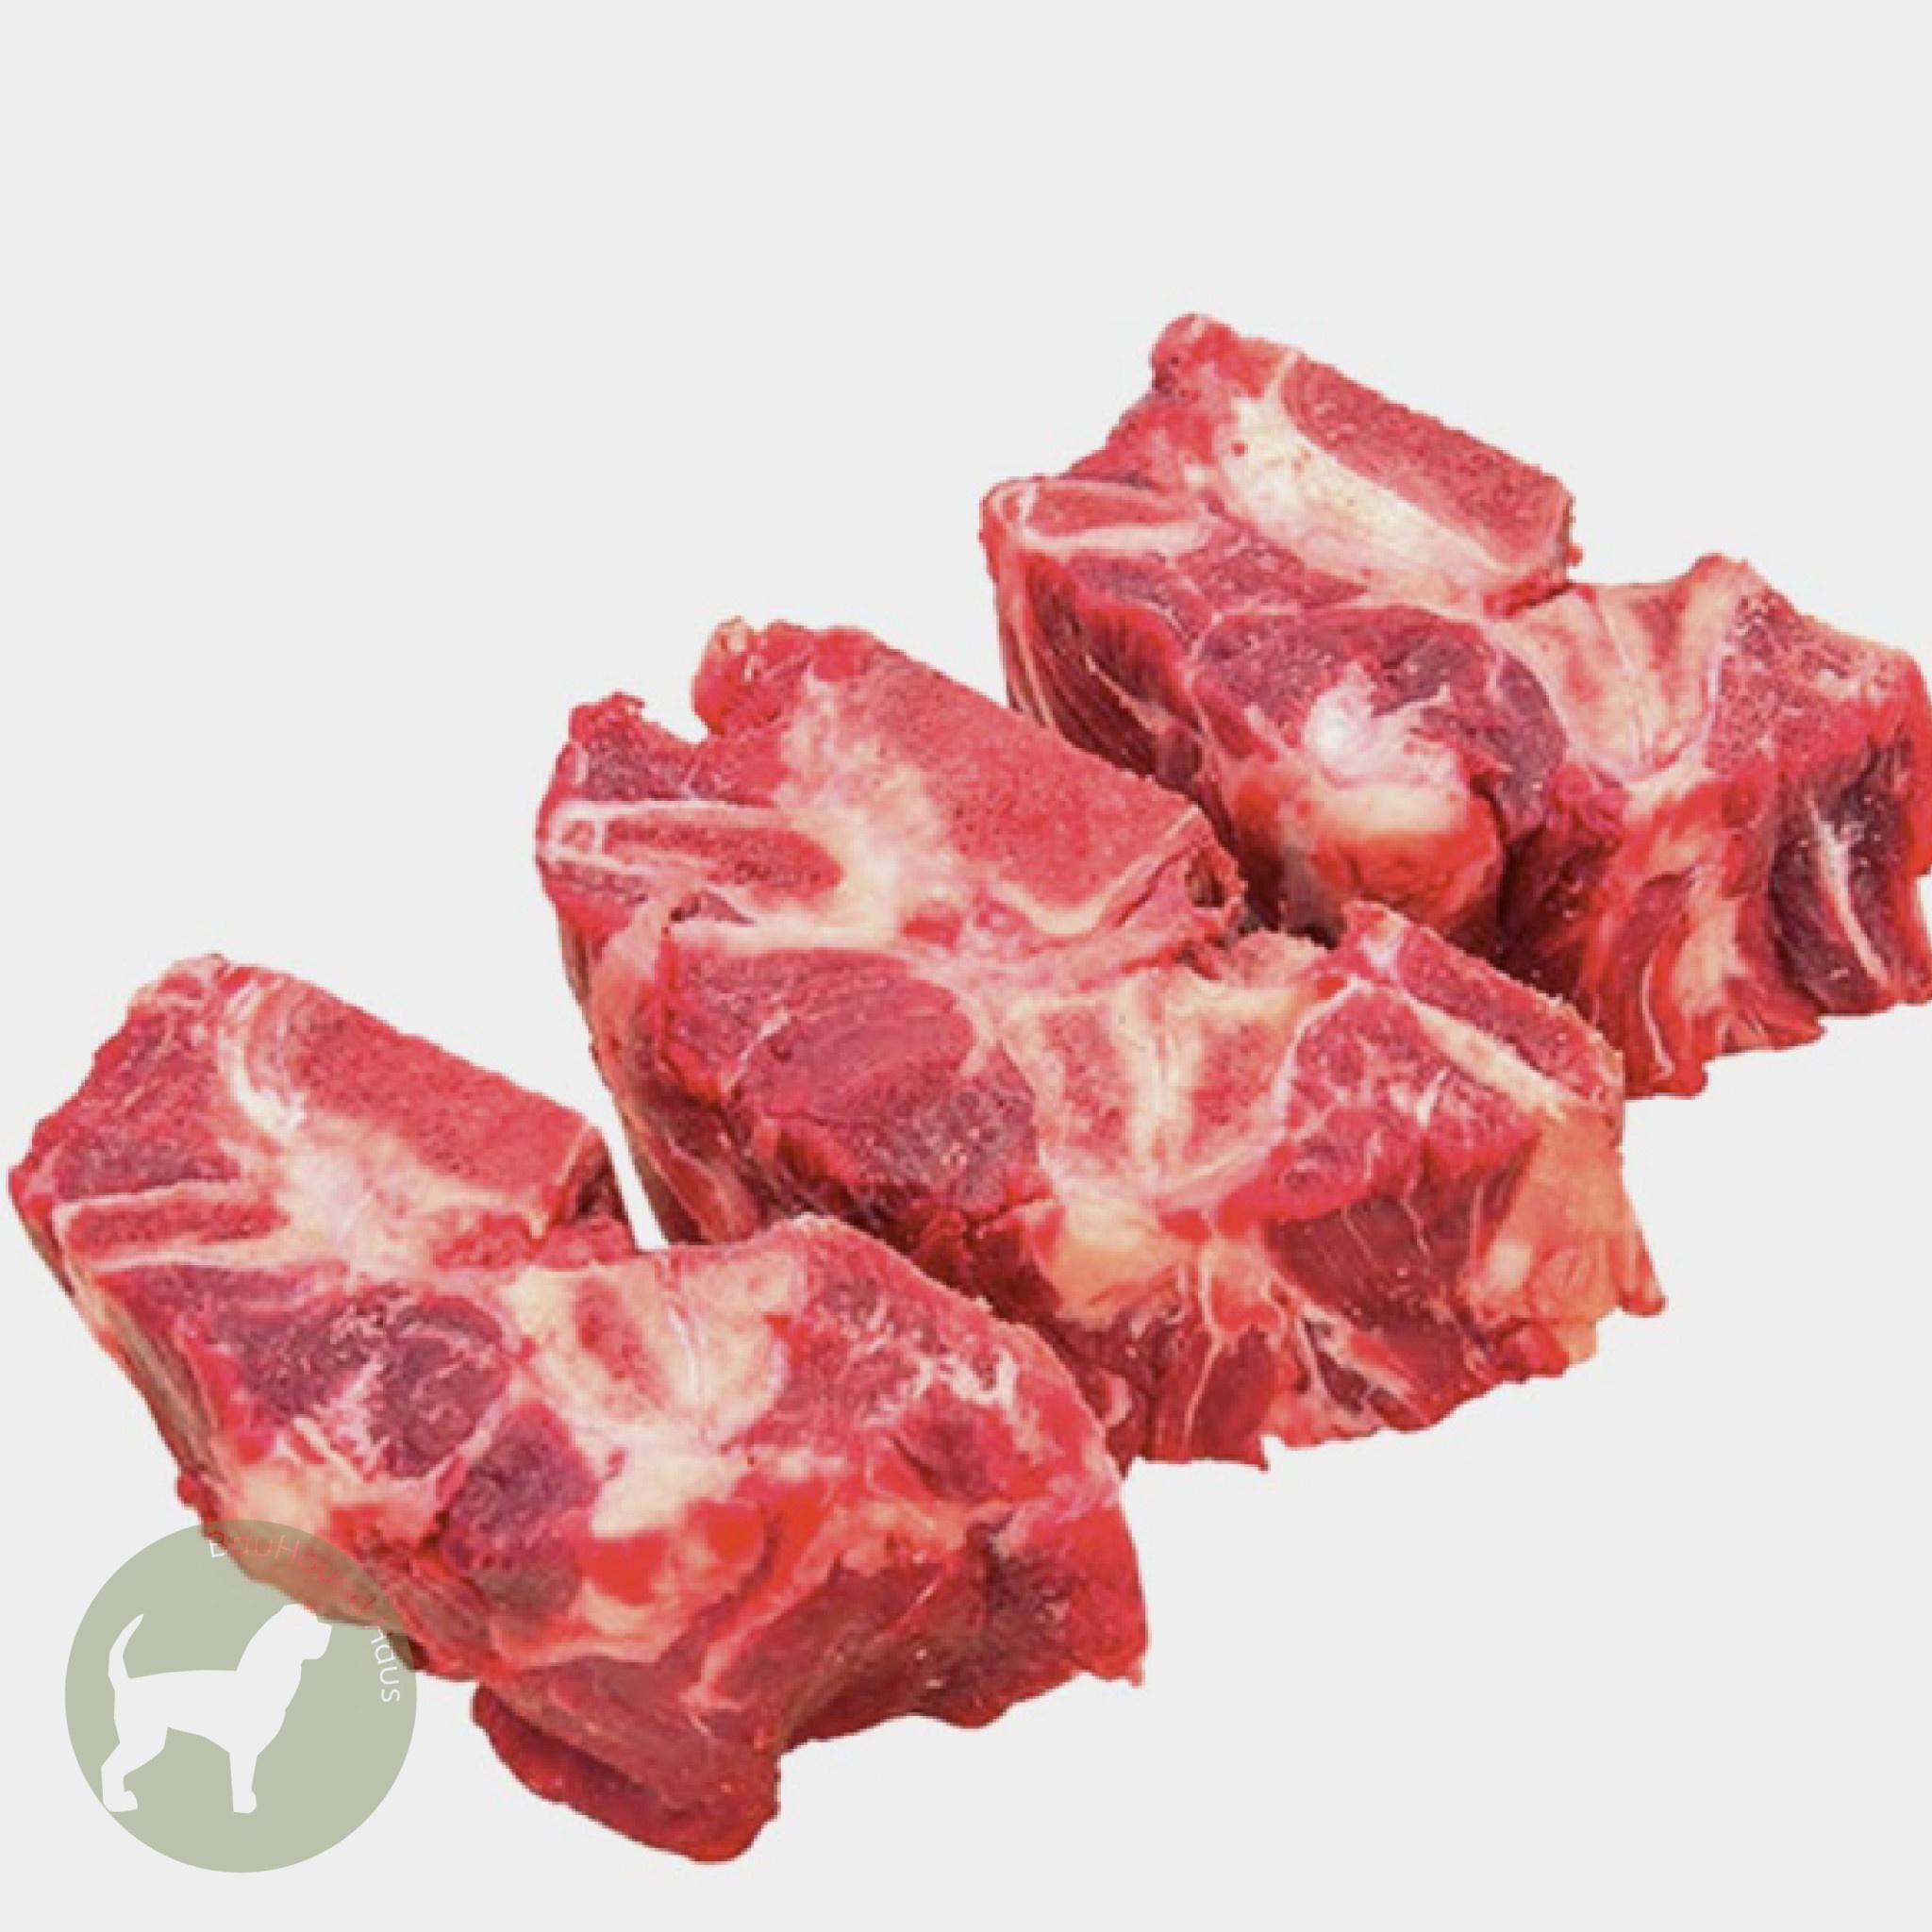 Tollden Farms Tollden Farms Beef Neck Medium, 3lb